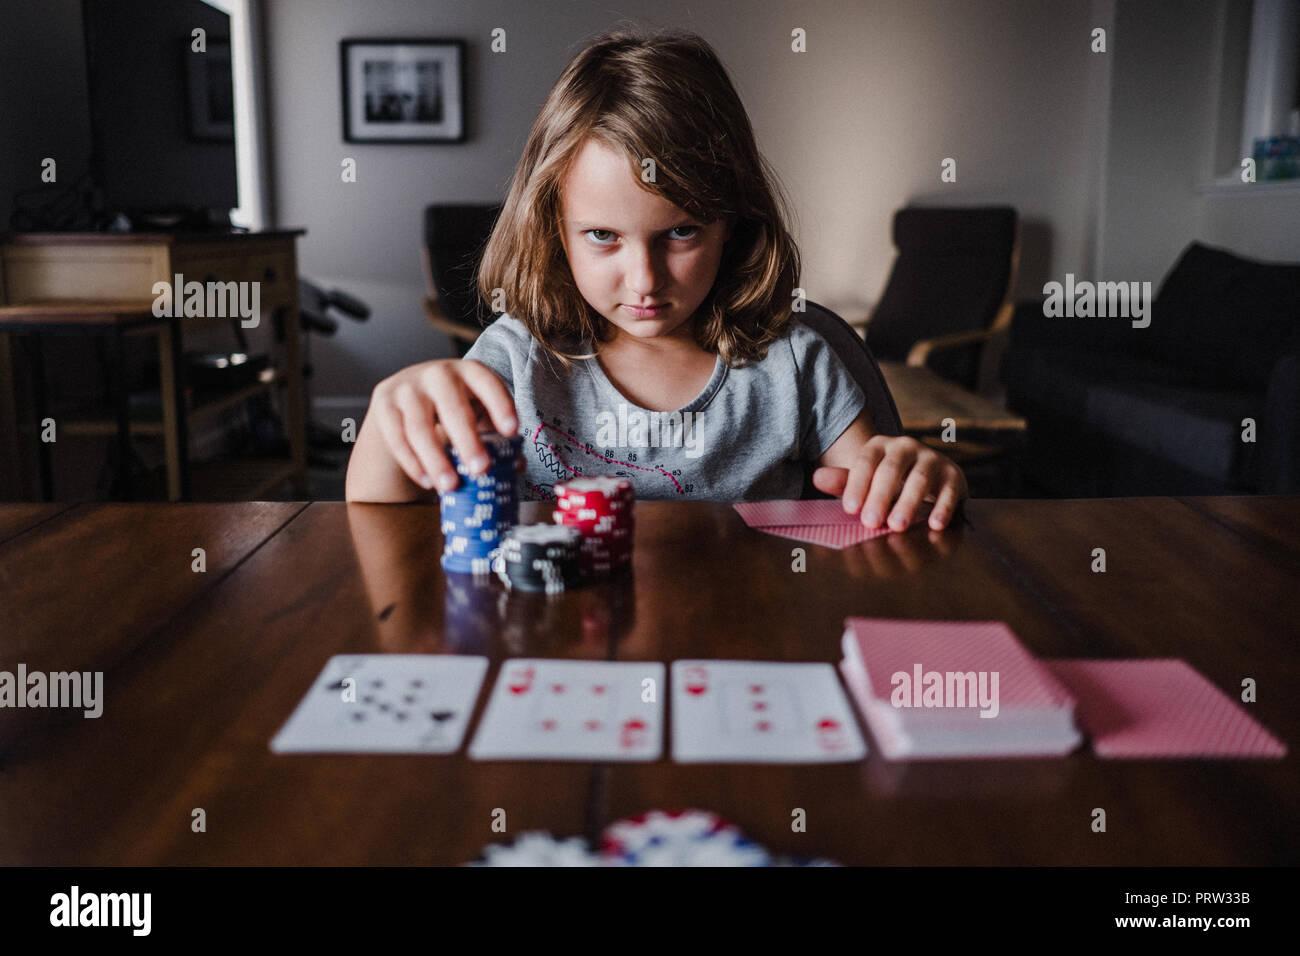 Fille avec pile de jetons de jeu de cartes à jouer à la table, portrait Photo Stock